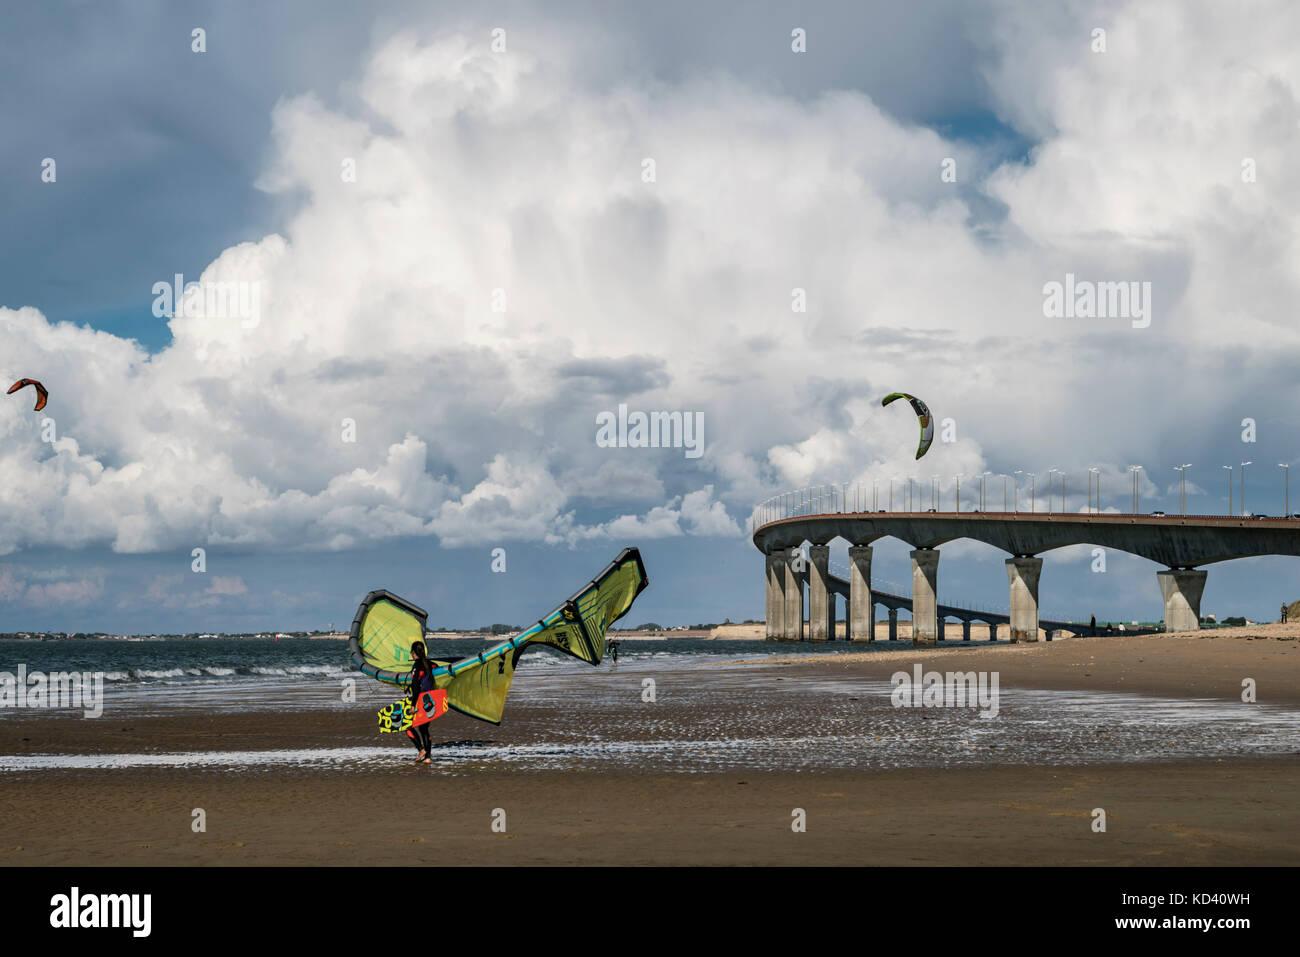 Kitesurfer, Plage Nord, Pont de Ile de Re, bridge,  Ile de Re, Nouvelle-Aquitaine, french westcoast, france, Stock Photo